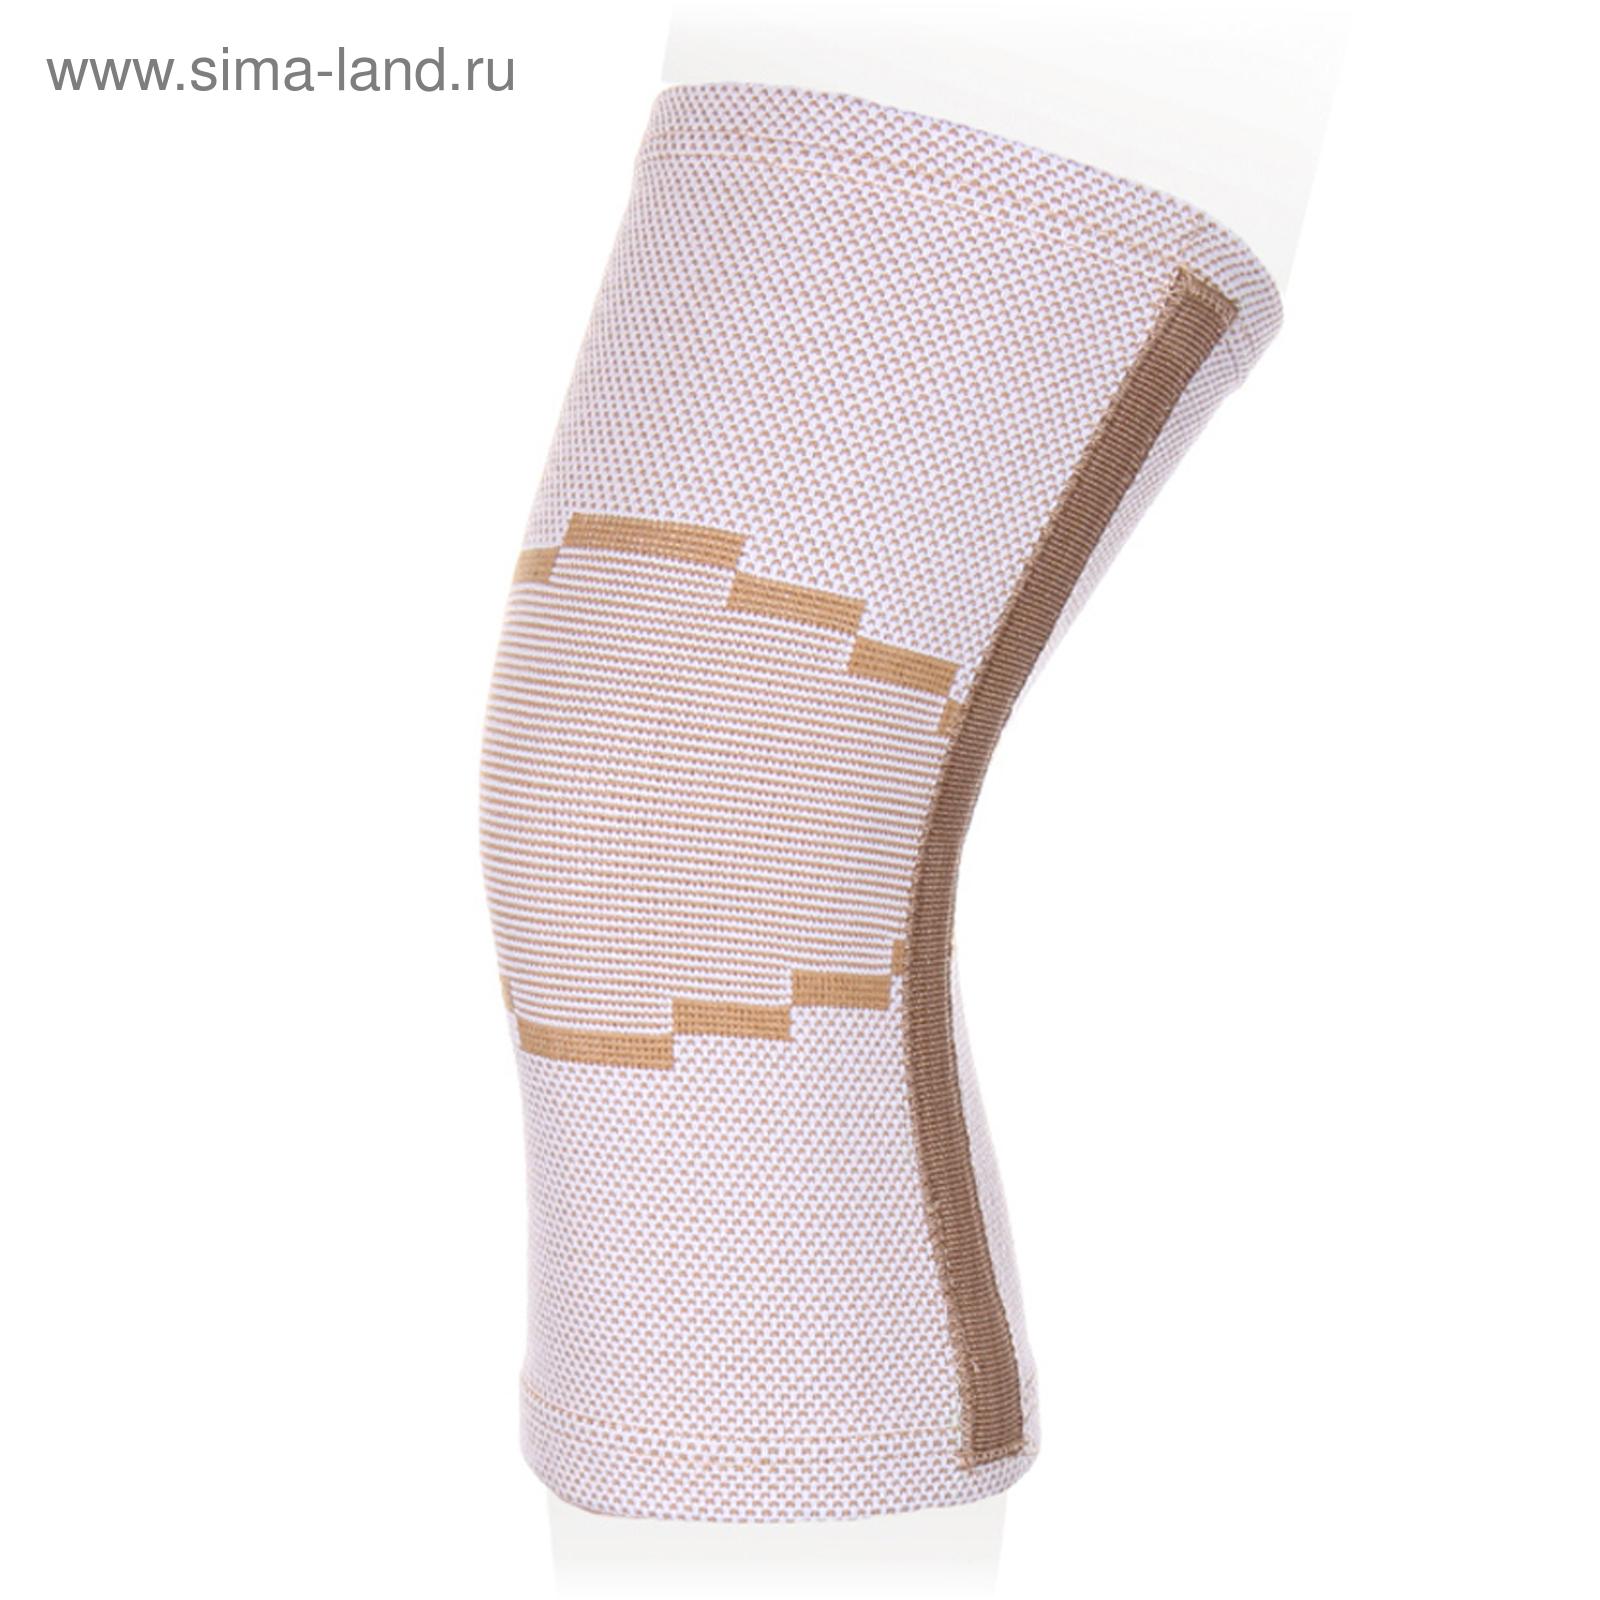 лечение потянутой связки в тазобедренном суставе